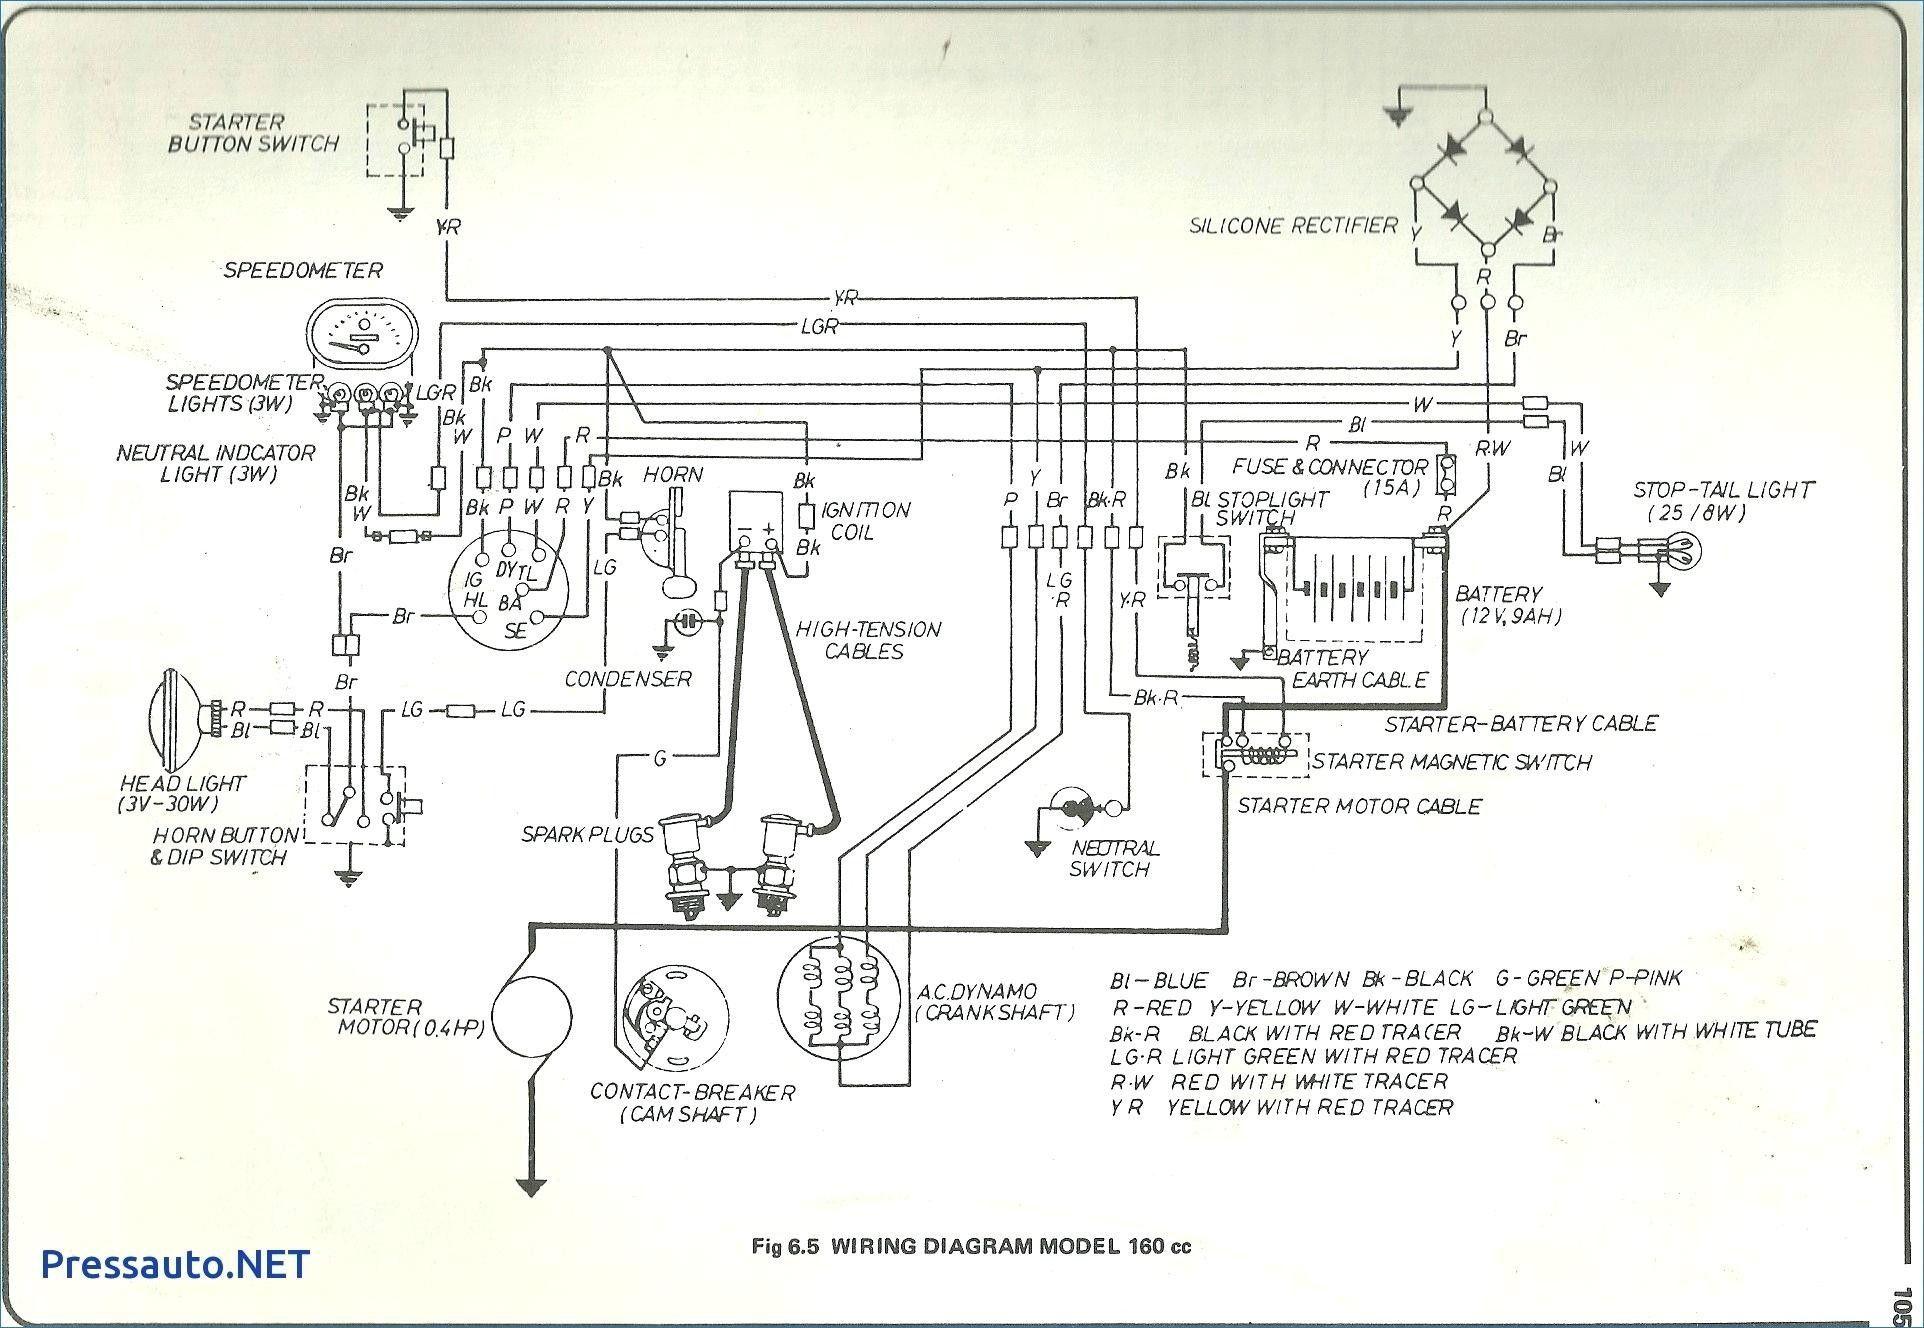 Kenmore Dryer Wiring Diagram In 2020 Electric Dryers Kenmore Dryer Kenmore